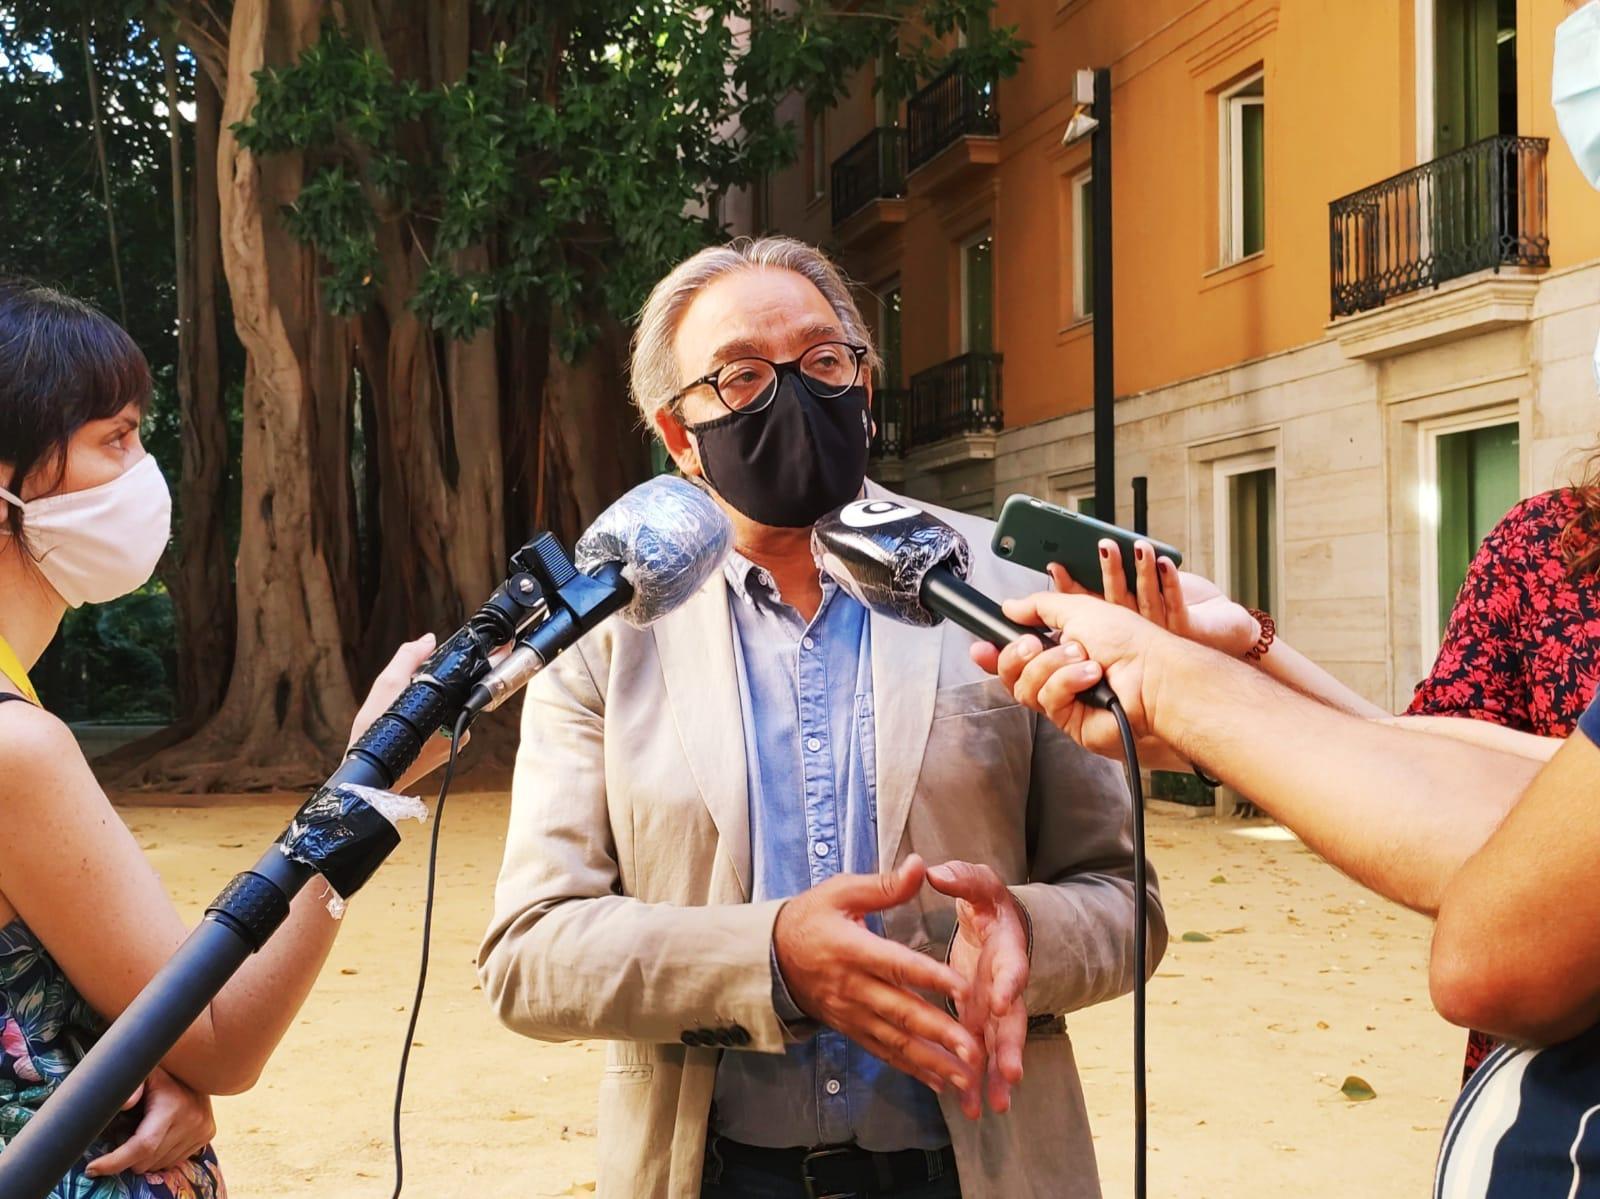 """You are currently viewing Mata: """"La pandèmia ha demostrat que el poble valencià és capaç d'afrontar tots els reptes i que els seus governants estan al servei de la ciutadania"""""""